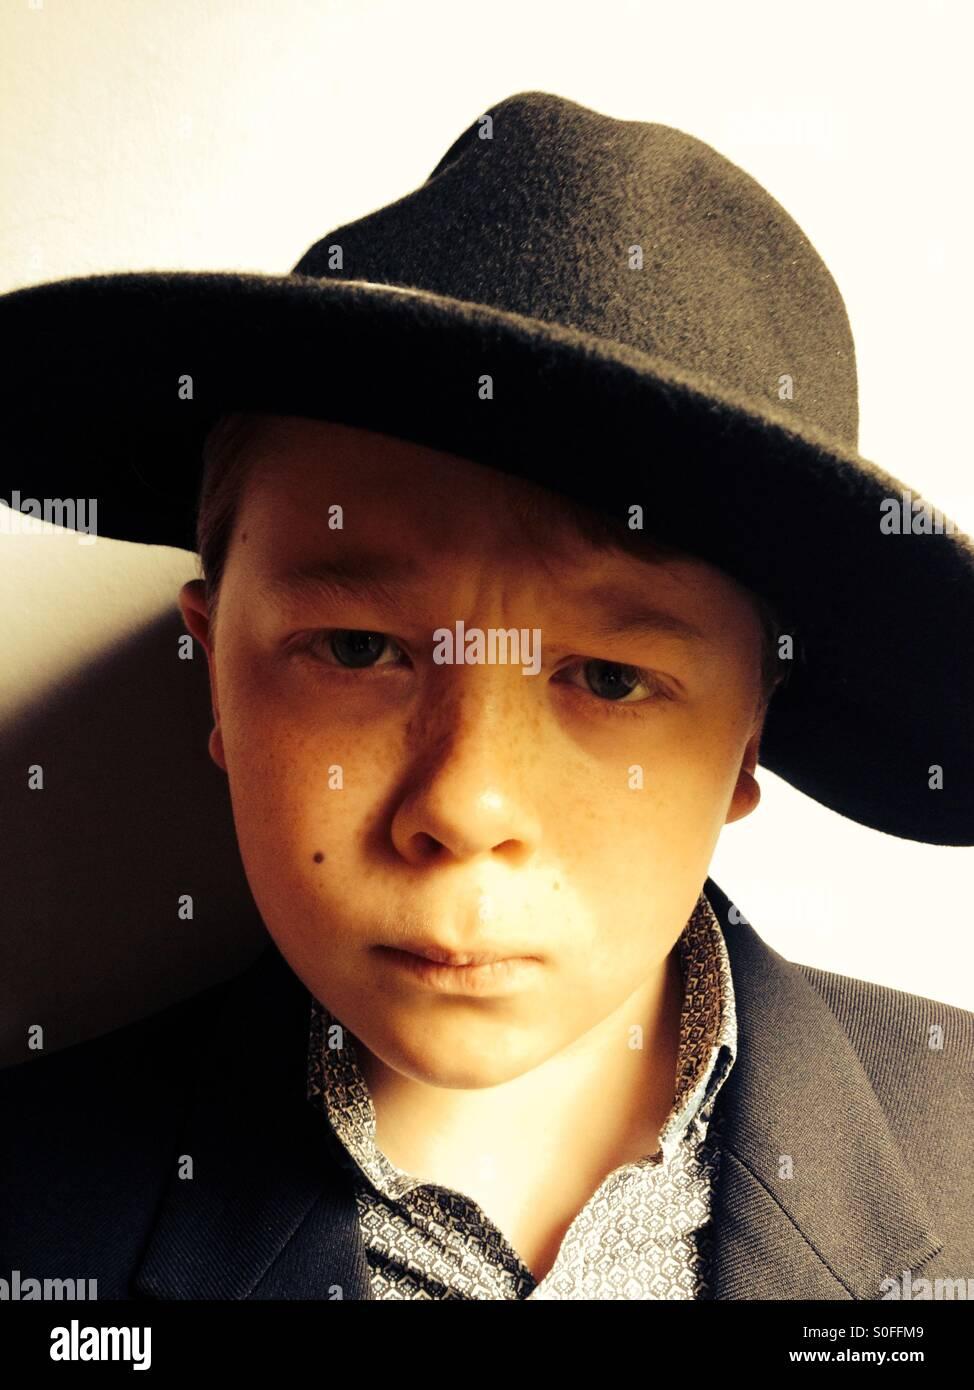 Un garçon de 10 ans portant un chapeau Photo Stock